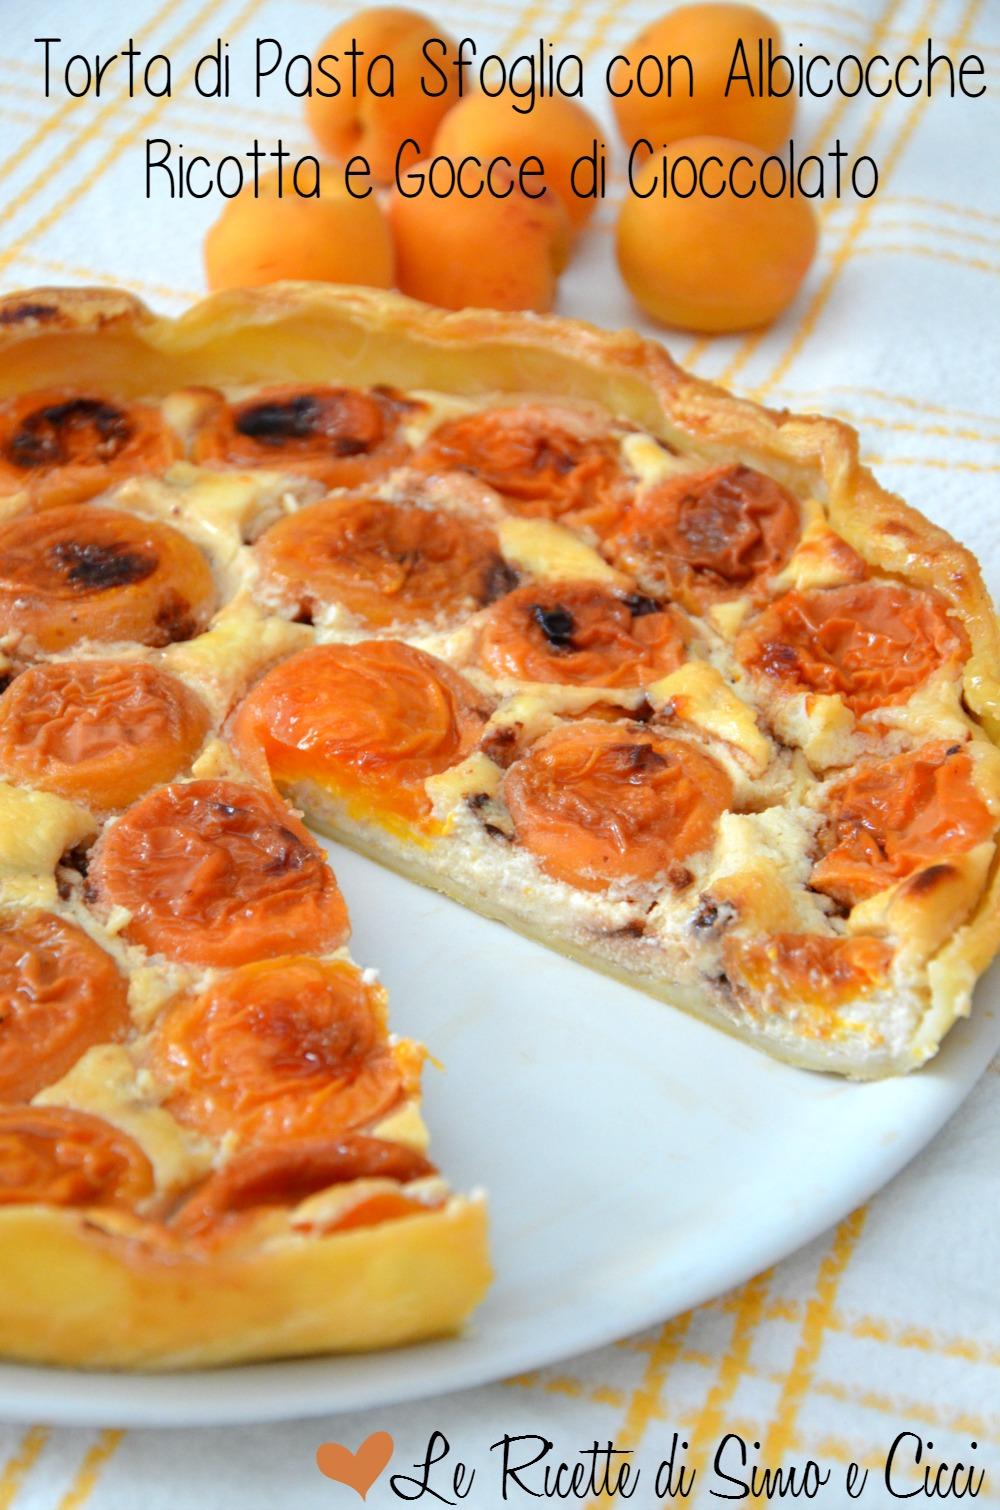 Torta di Pasta Sfoglia con Albicocche Ricotta e Gocce di Cioccolato